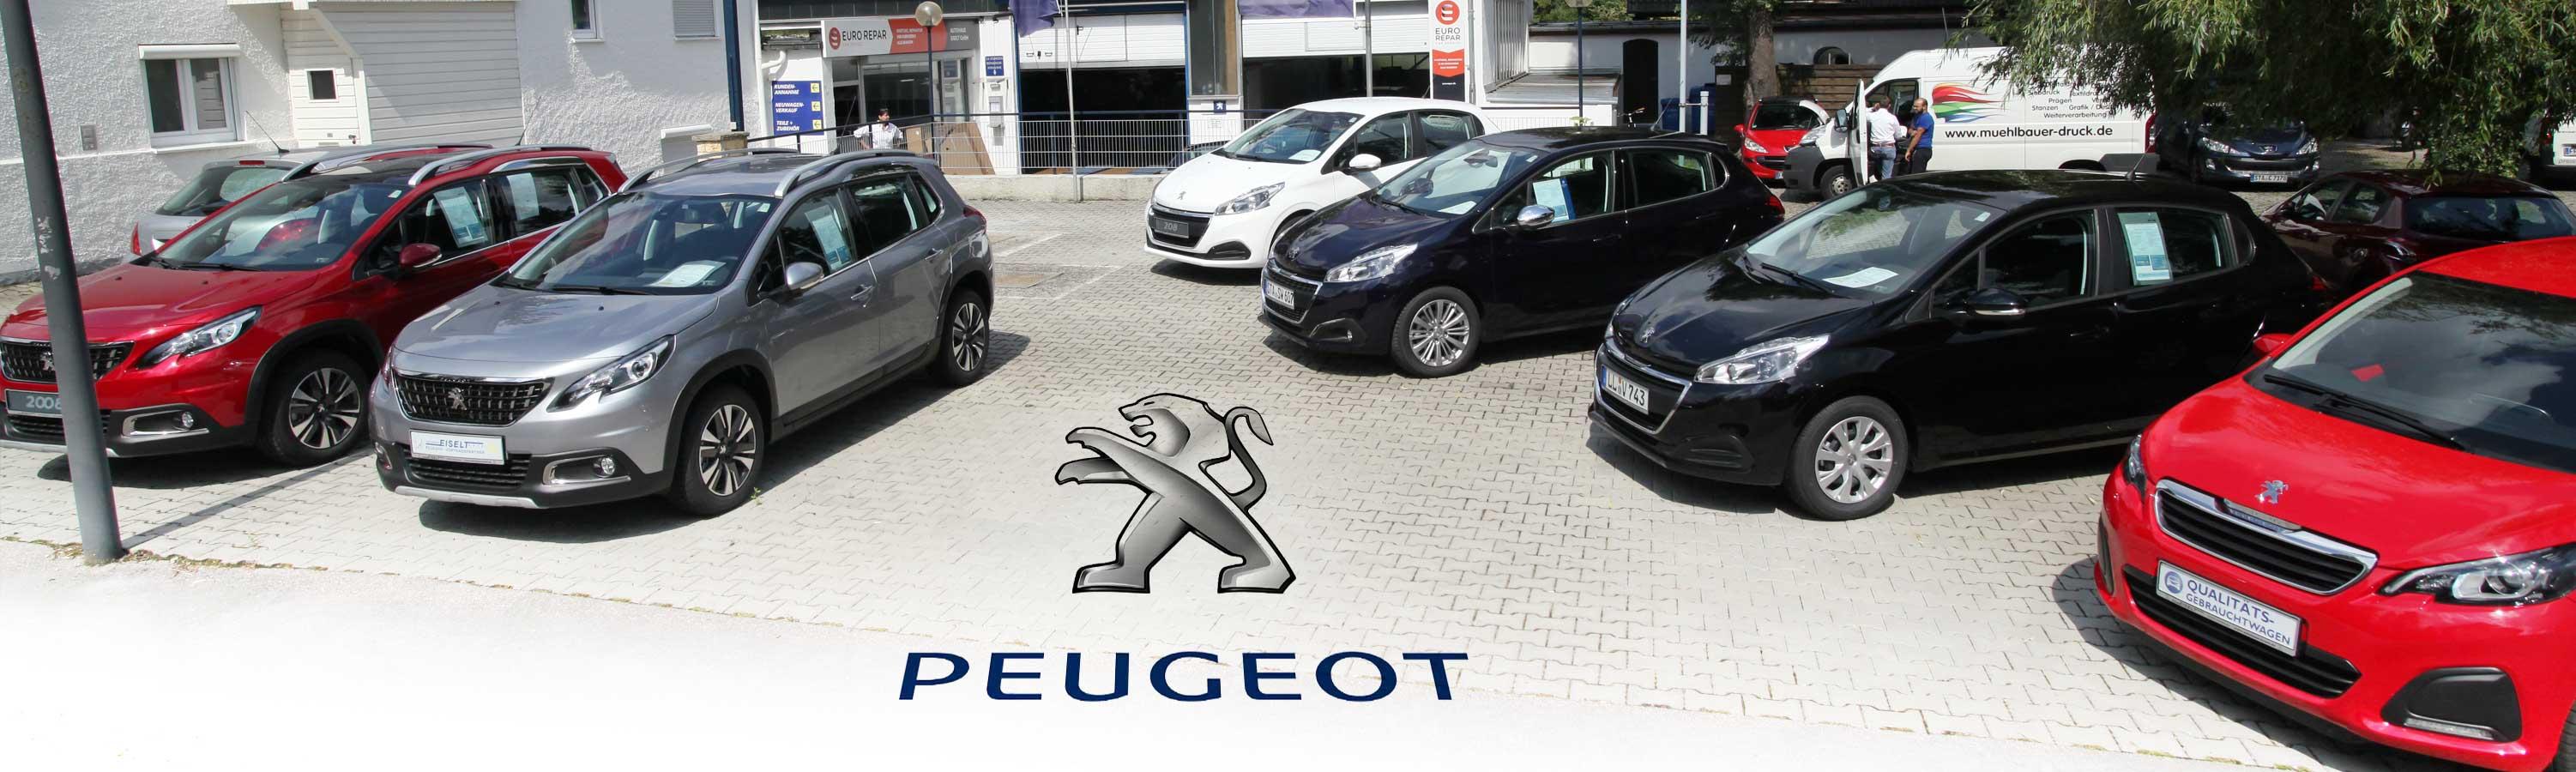 Kauf und Verkauf von Peugeot Neuwagen und Gebruachtwagen vom Fachhändler